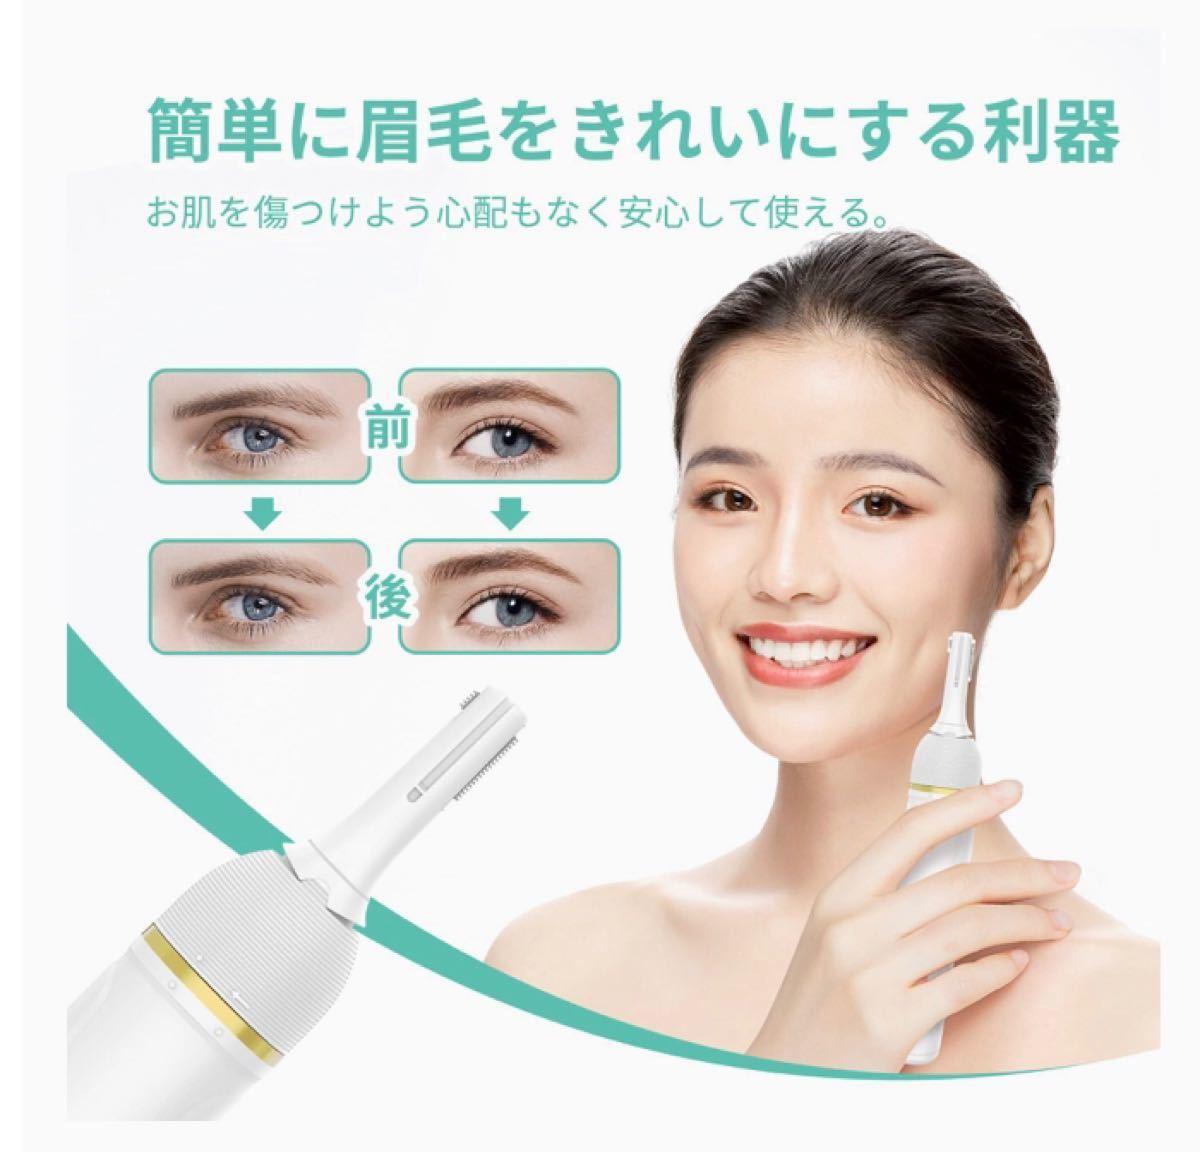 【新品】眉毛シェーバー フェイスシェーバー フェース 電動シェーバー